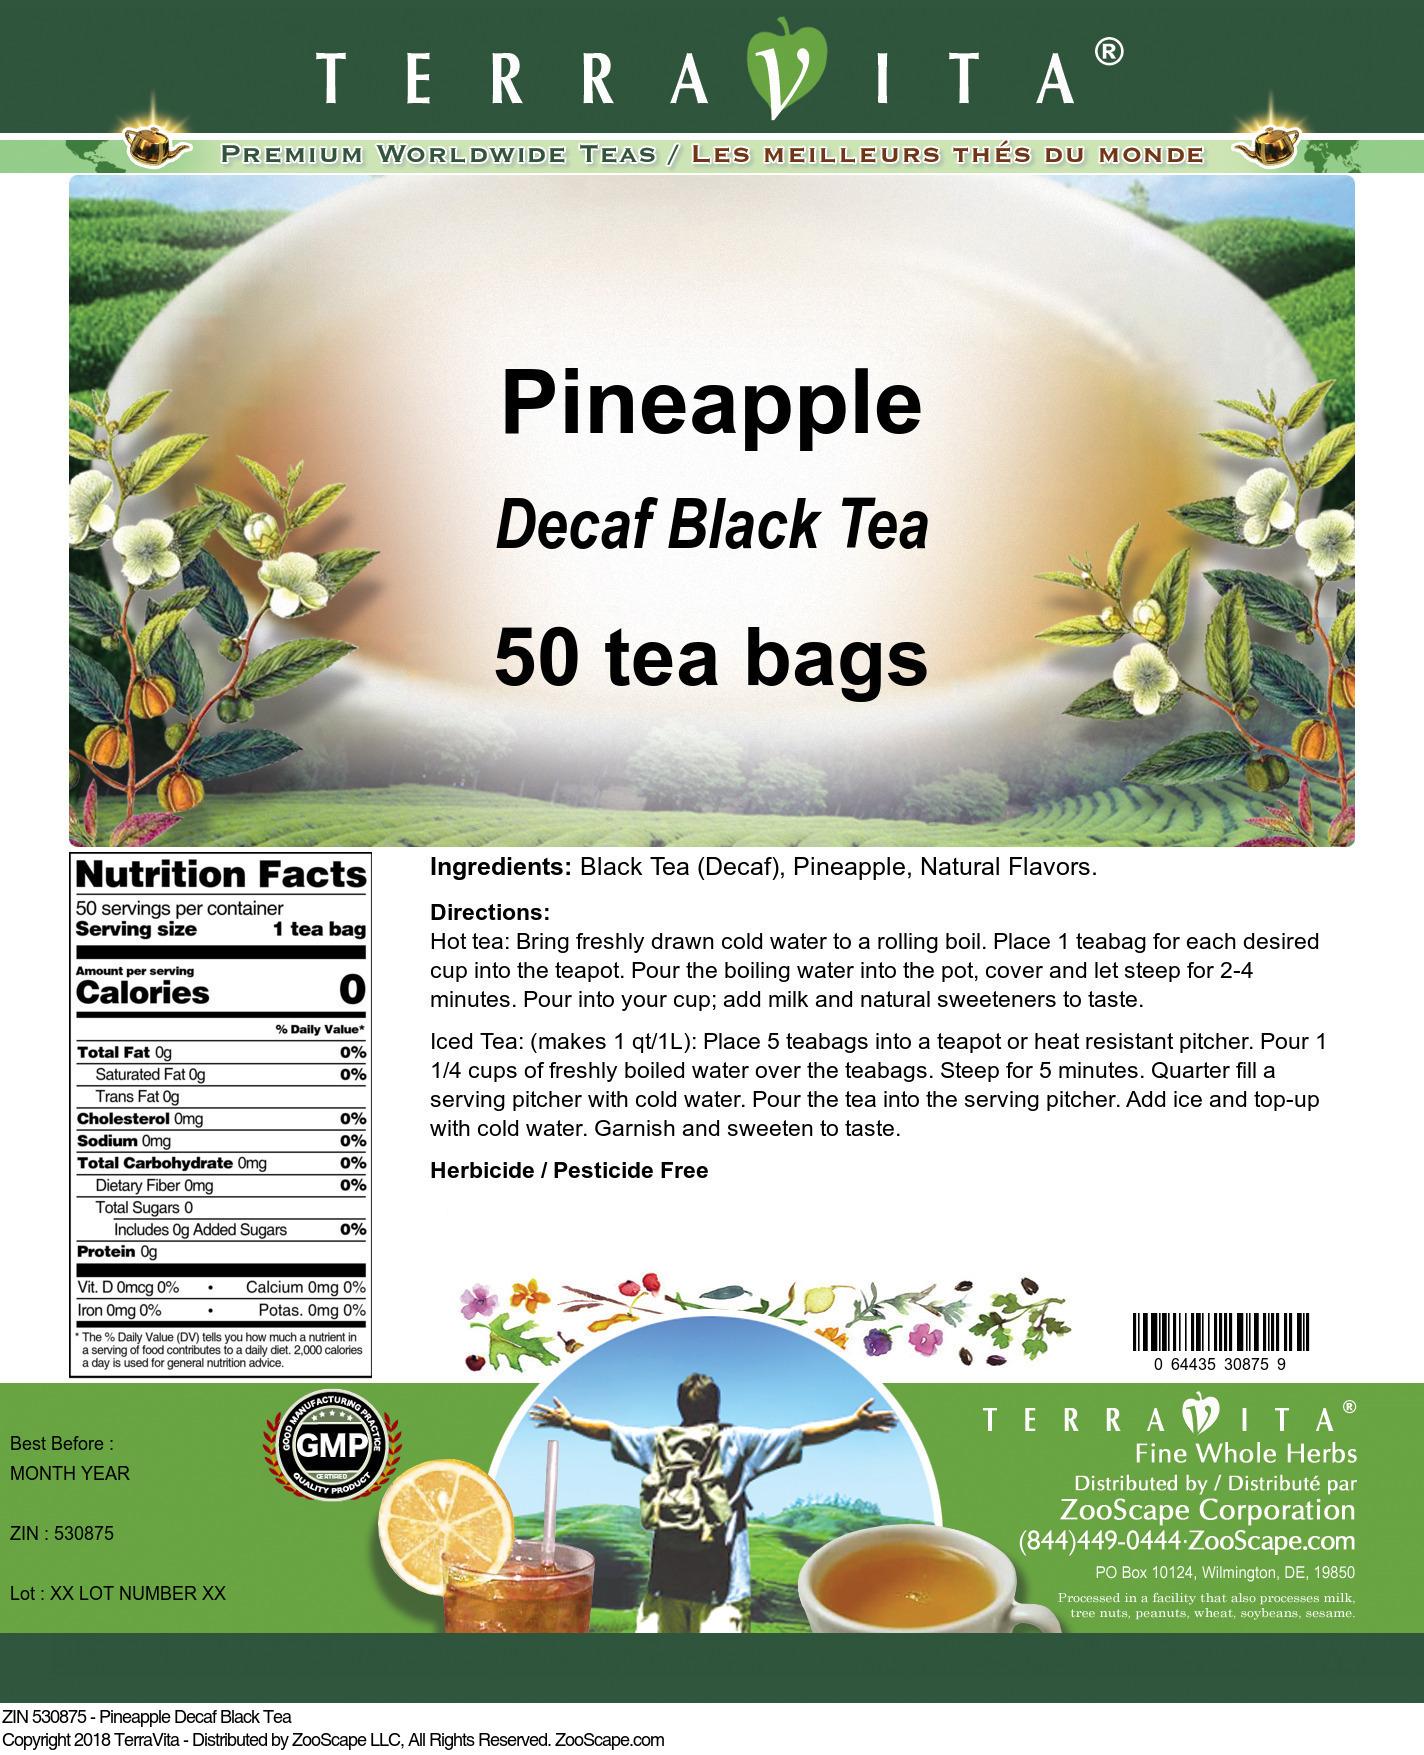 Pineapple Decaf Black Tea